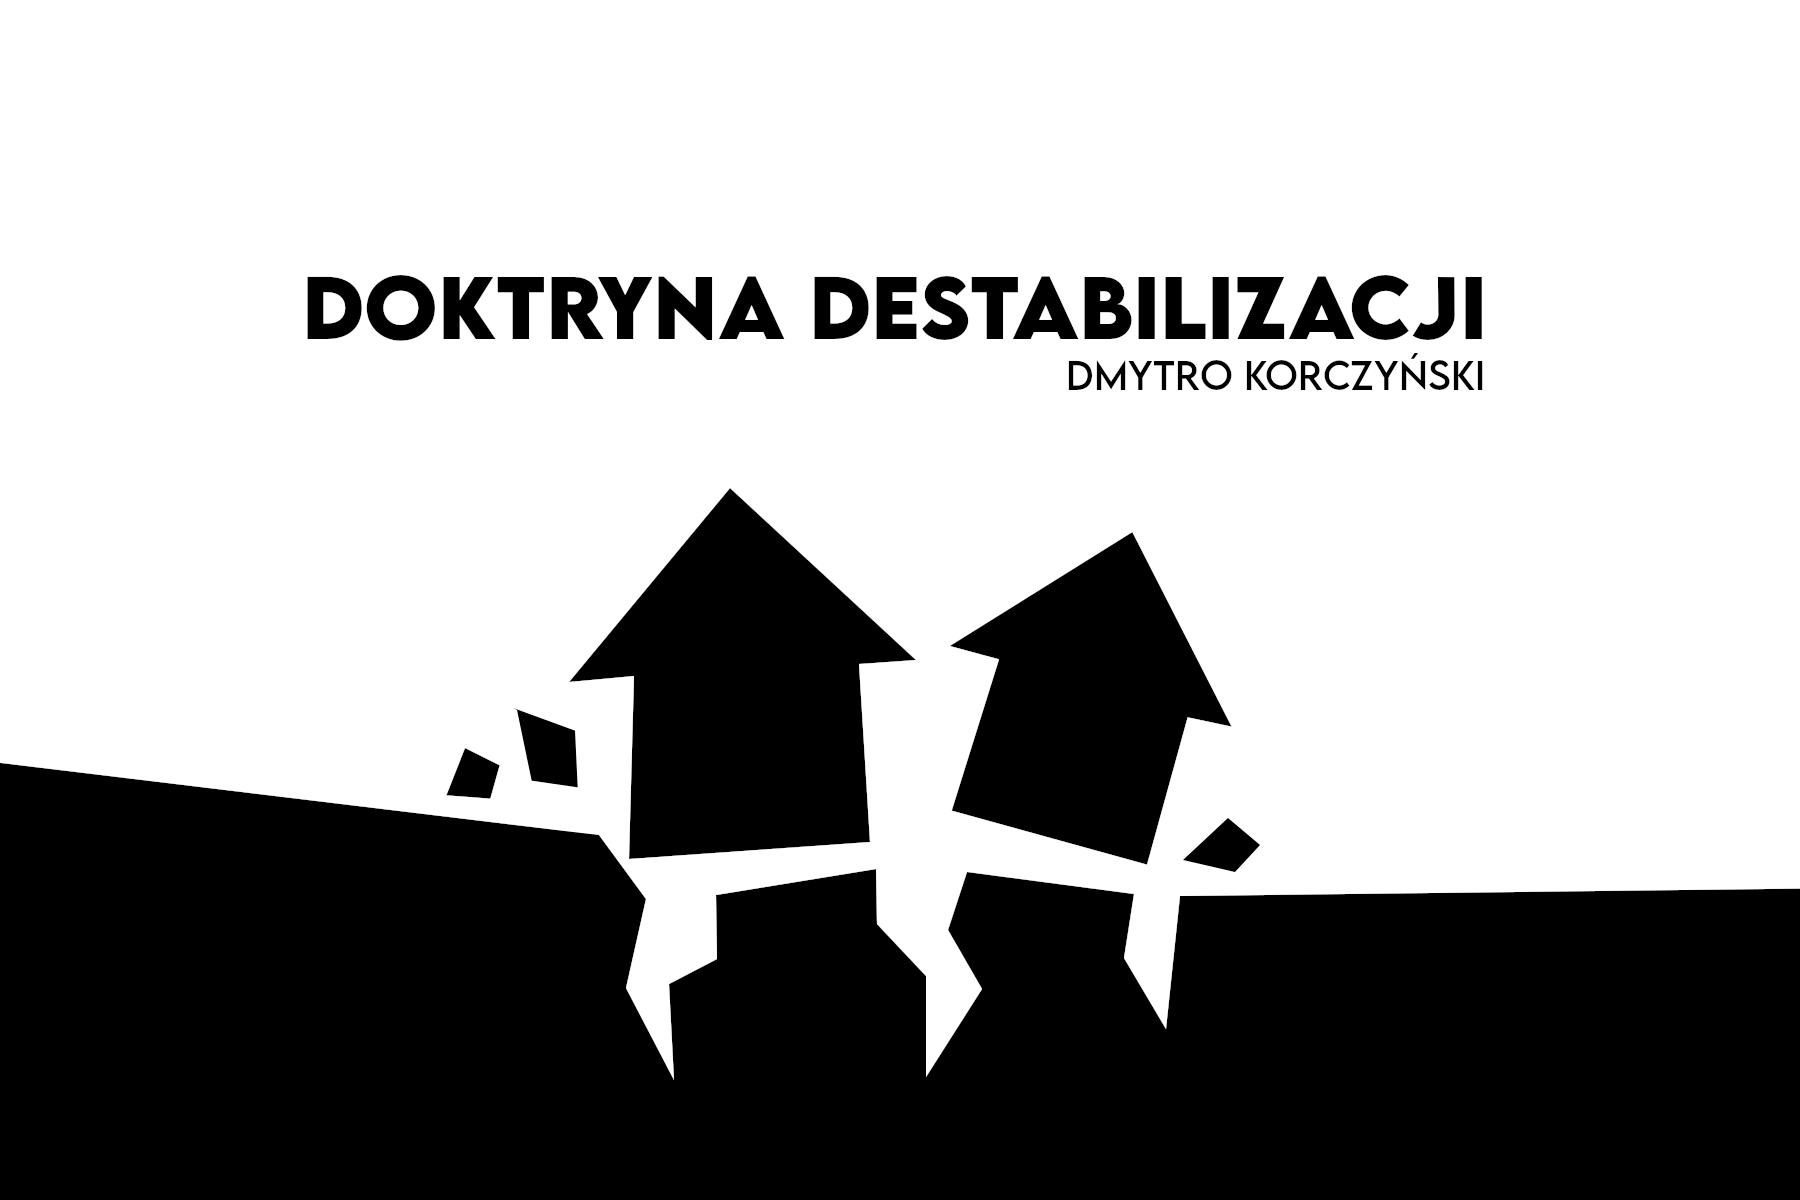 Dmytro Korczyński, Bractwo